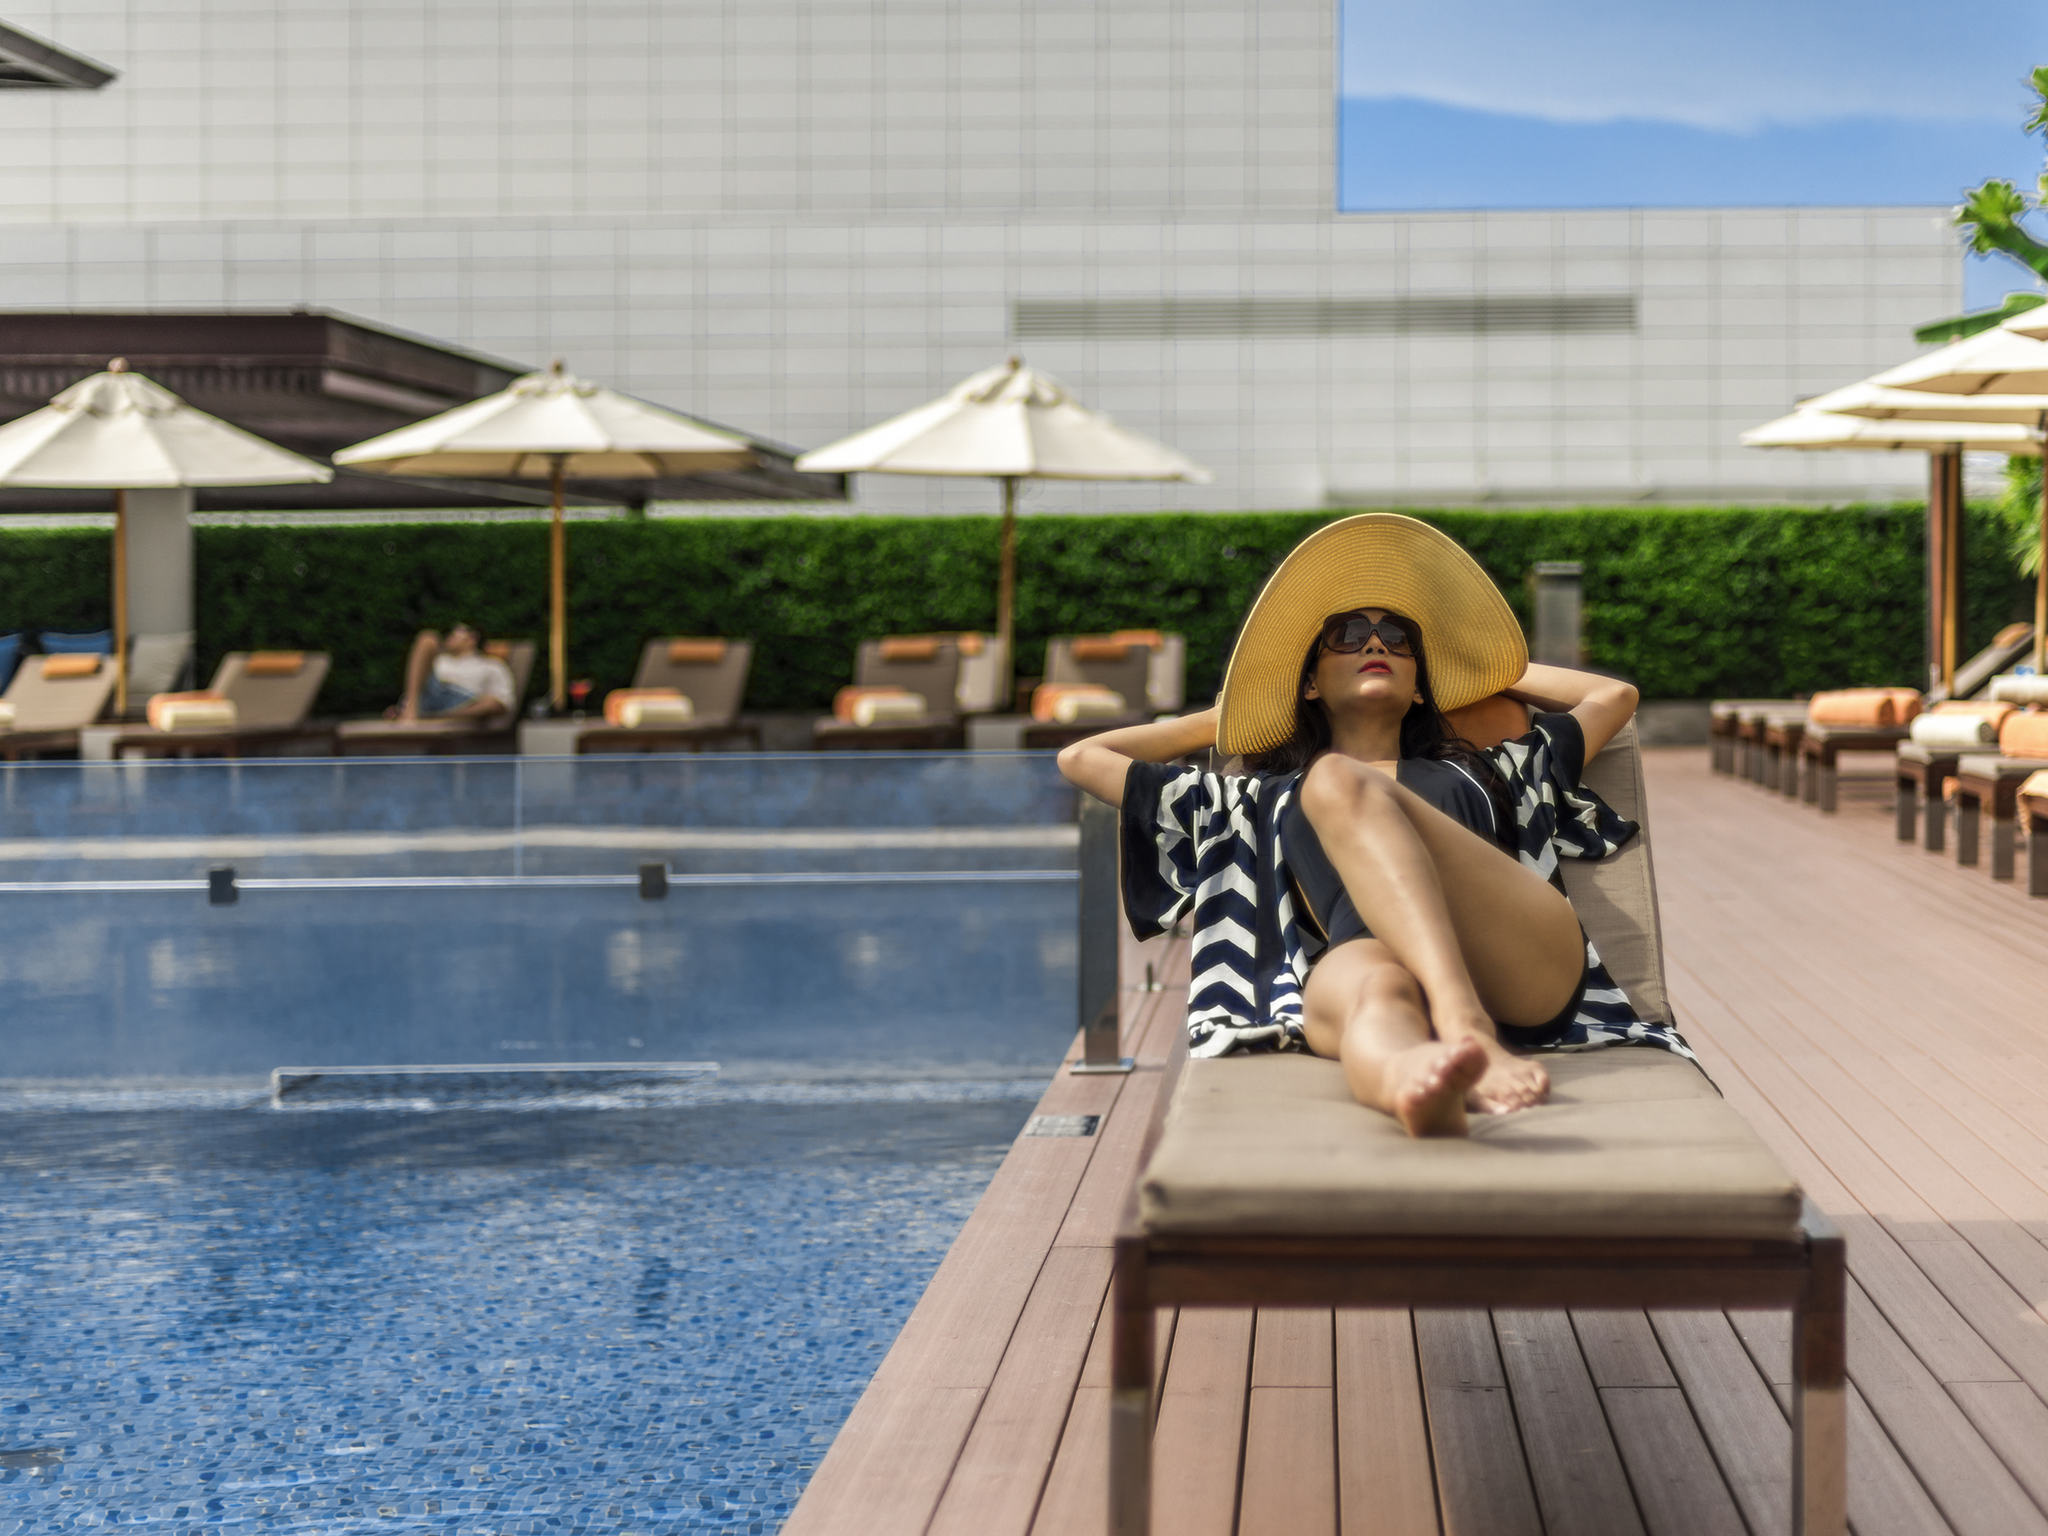 โรงแรม – พูลแมน คิง เพาเวอร์ กรุงเทพ